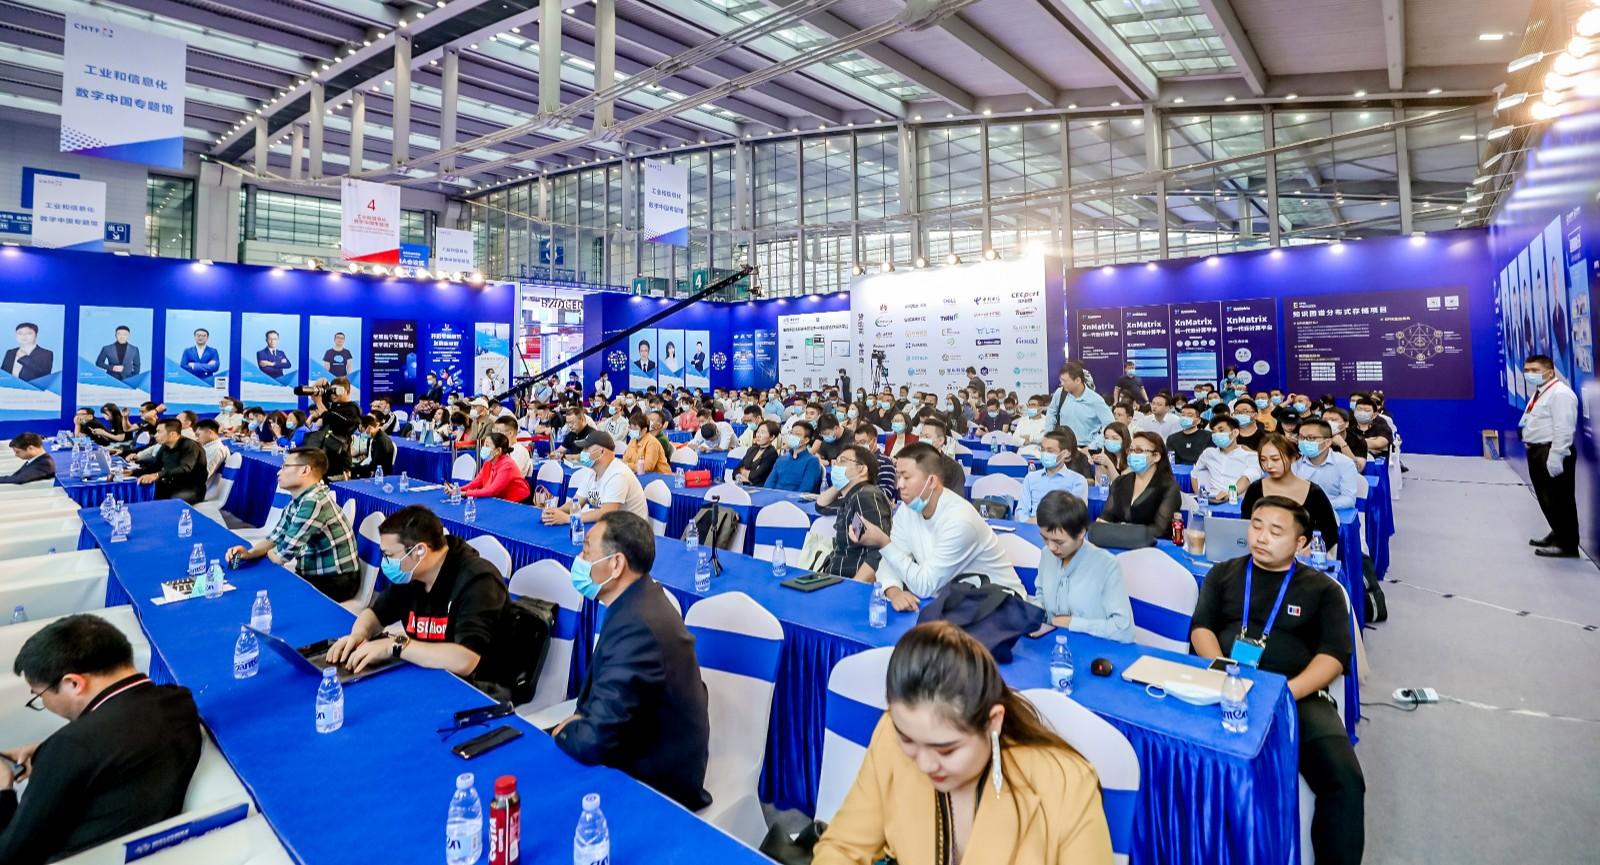 Web3.0中国峰会暨分布式存储生态大会圆满闭幕